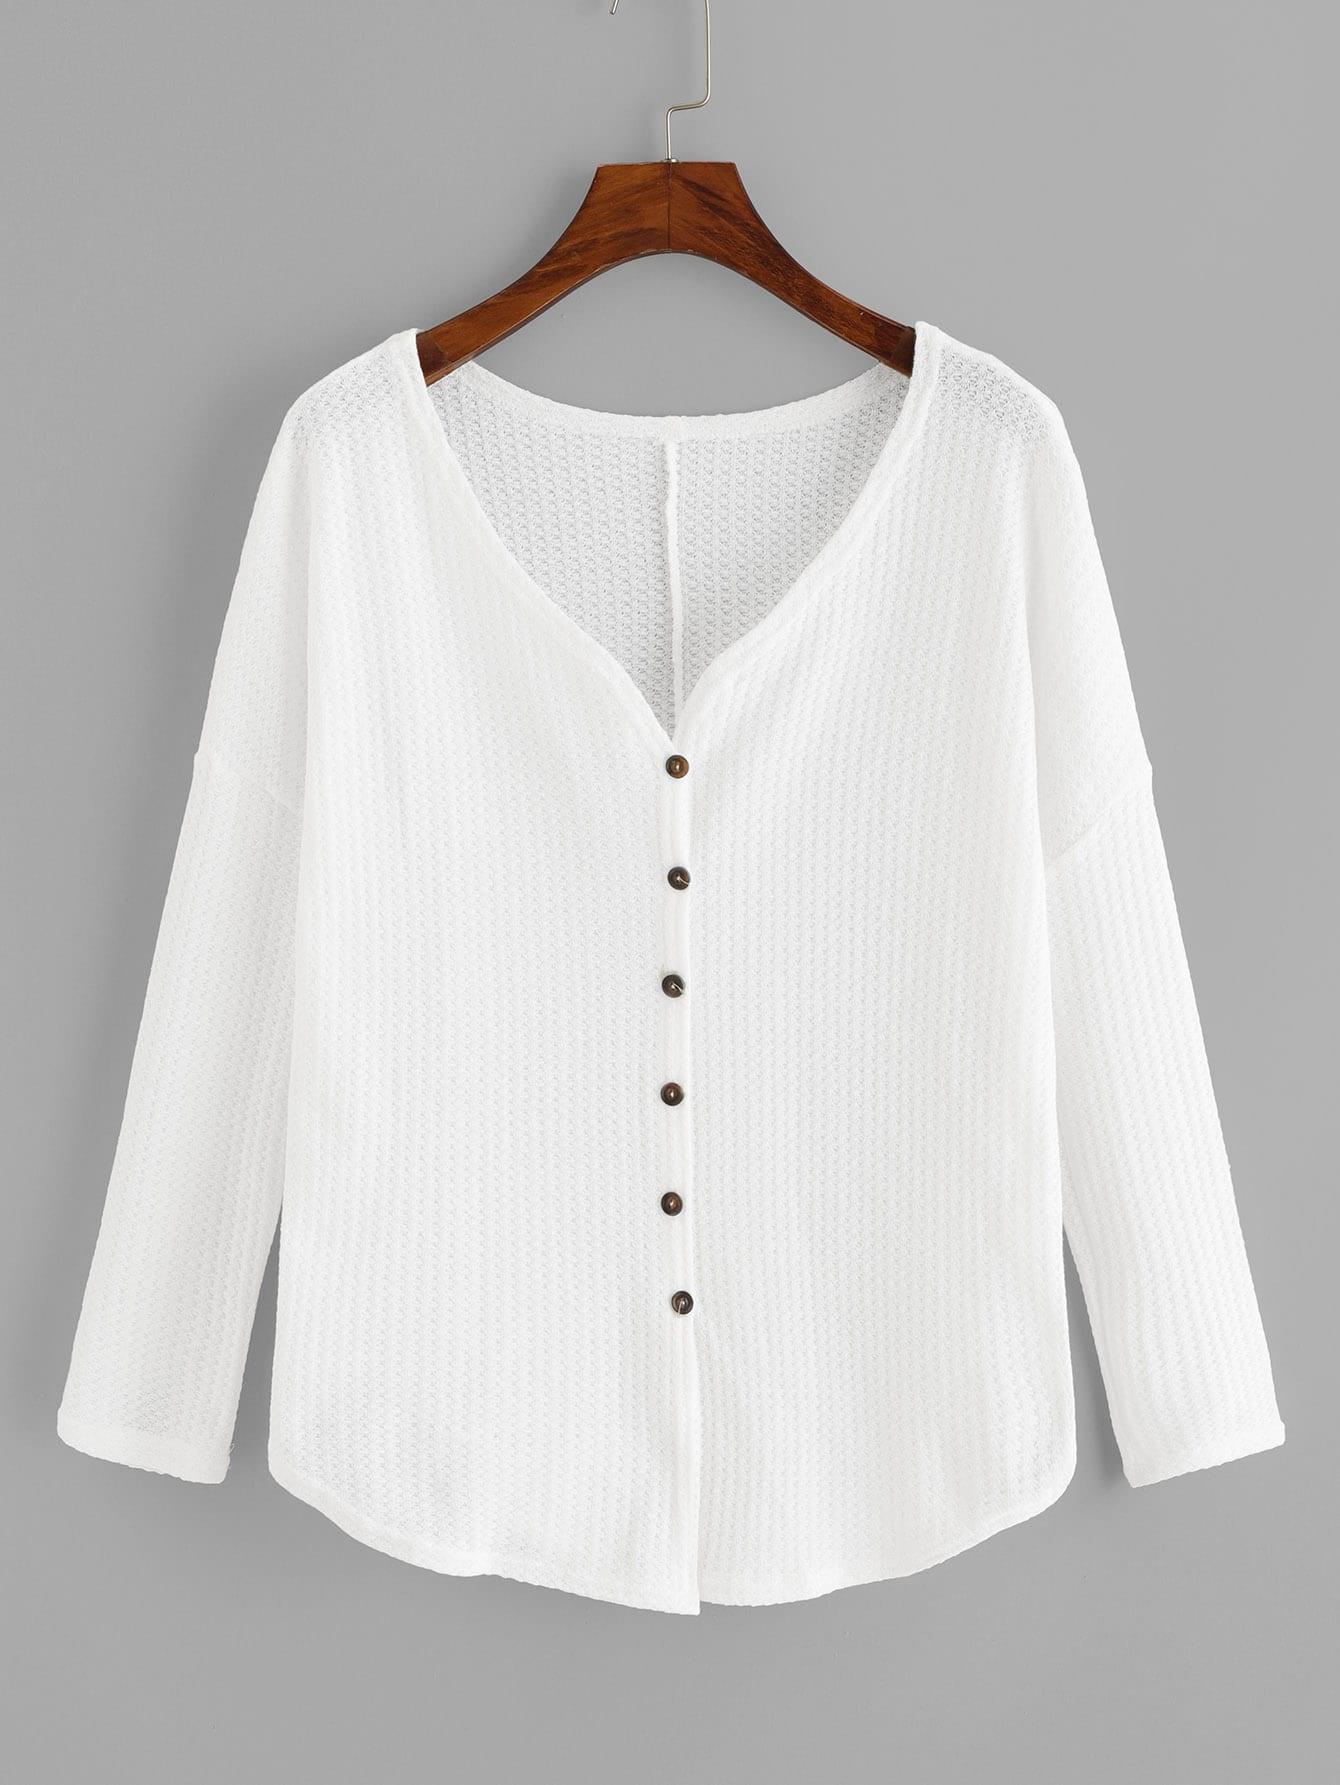 Купить Простая футболка с V-образным вырезом и с украшением пуговицы, null, SheIn